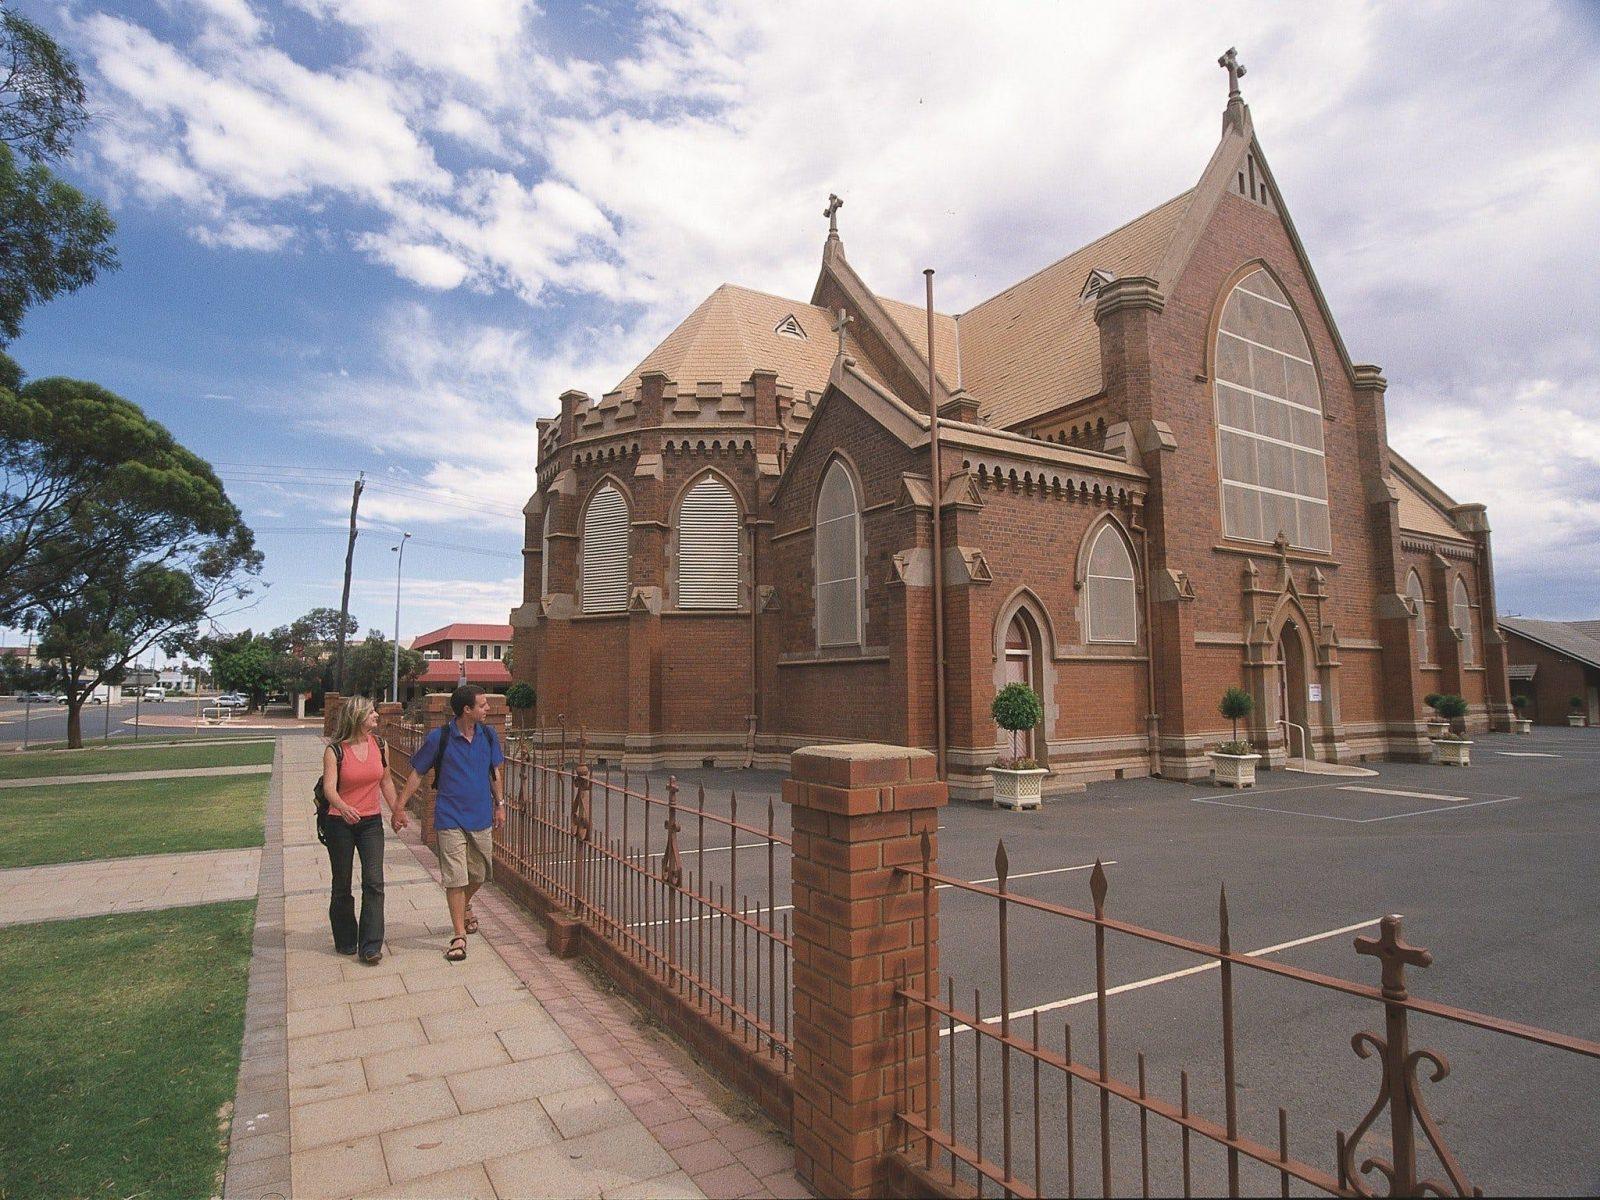 St Mary's Church, Western Australia